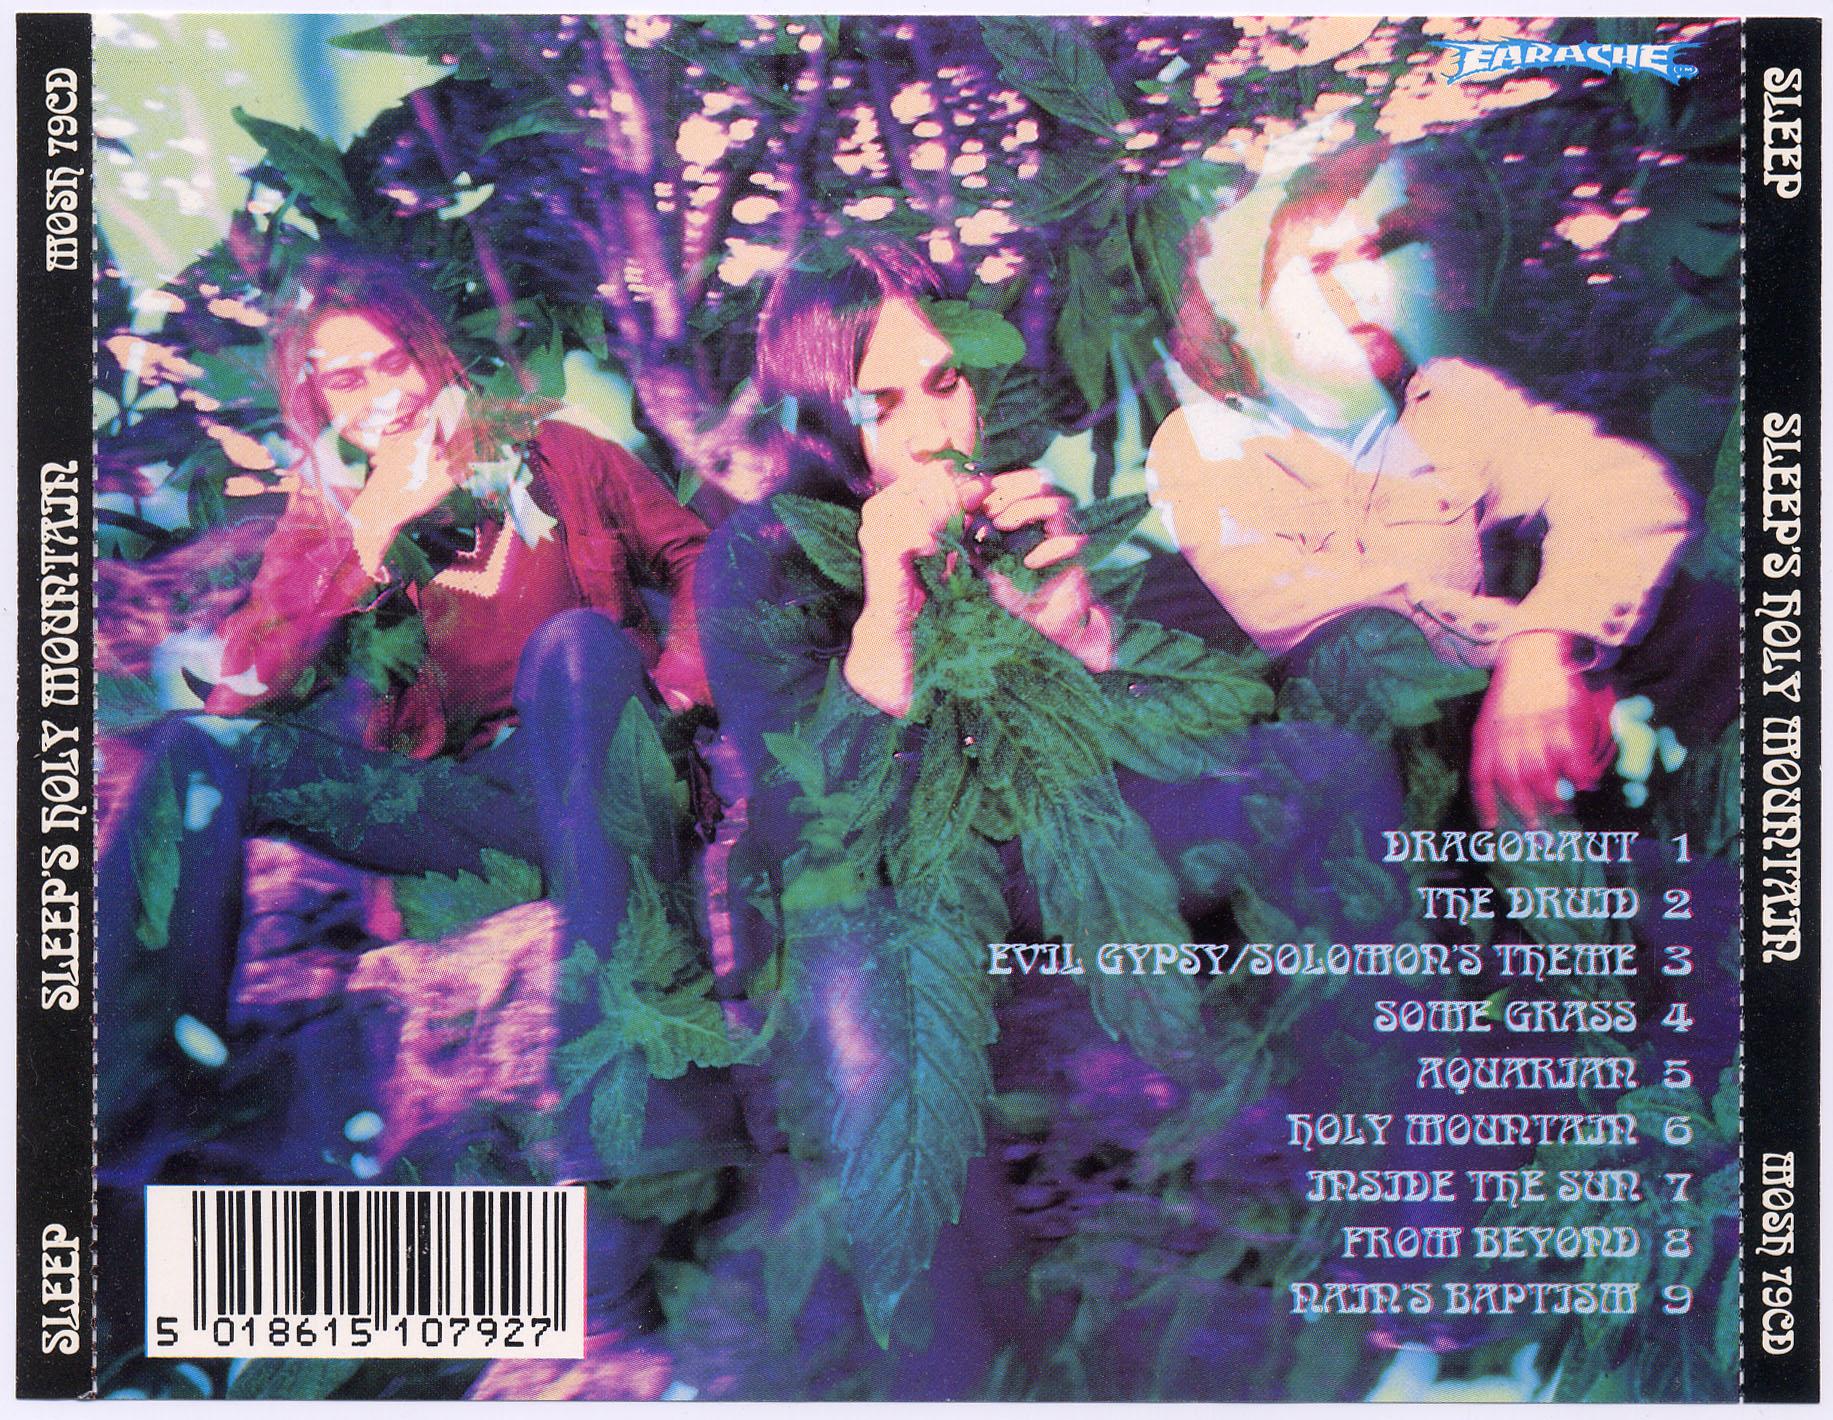 Sleep – Sleep's Holy Mountain (1993, Earache) | PERFECTION